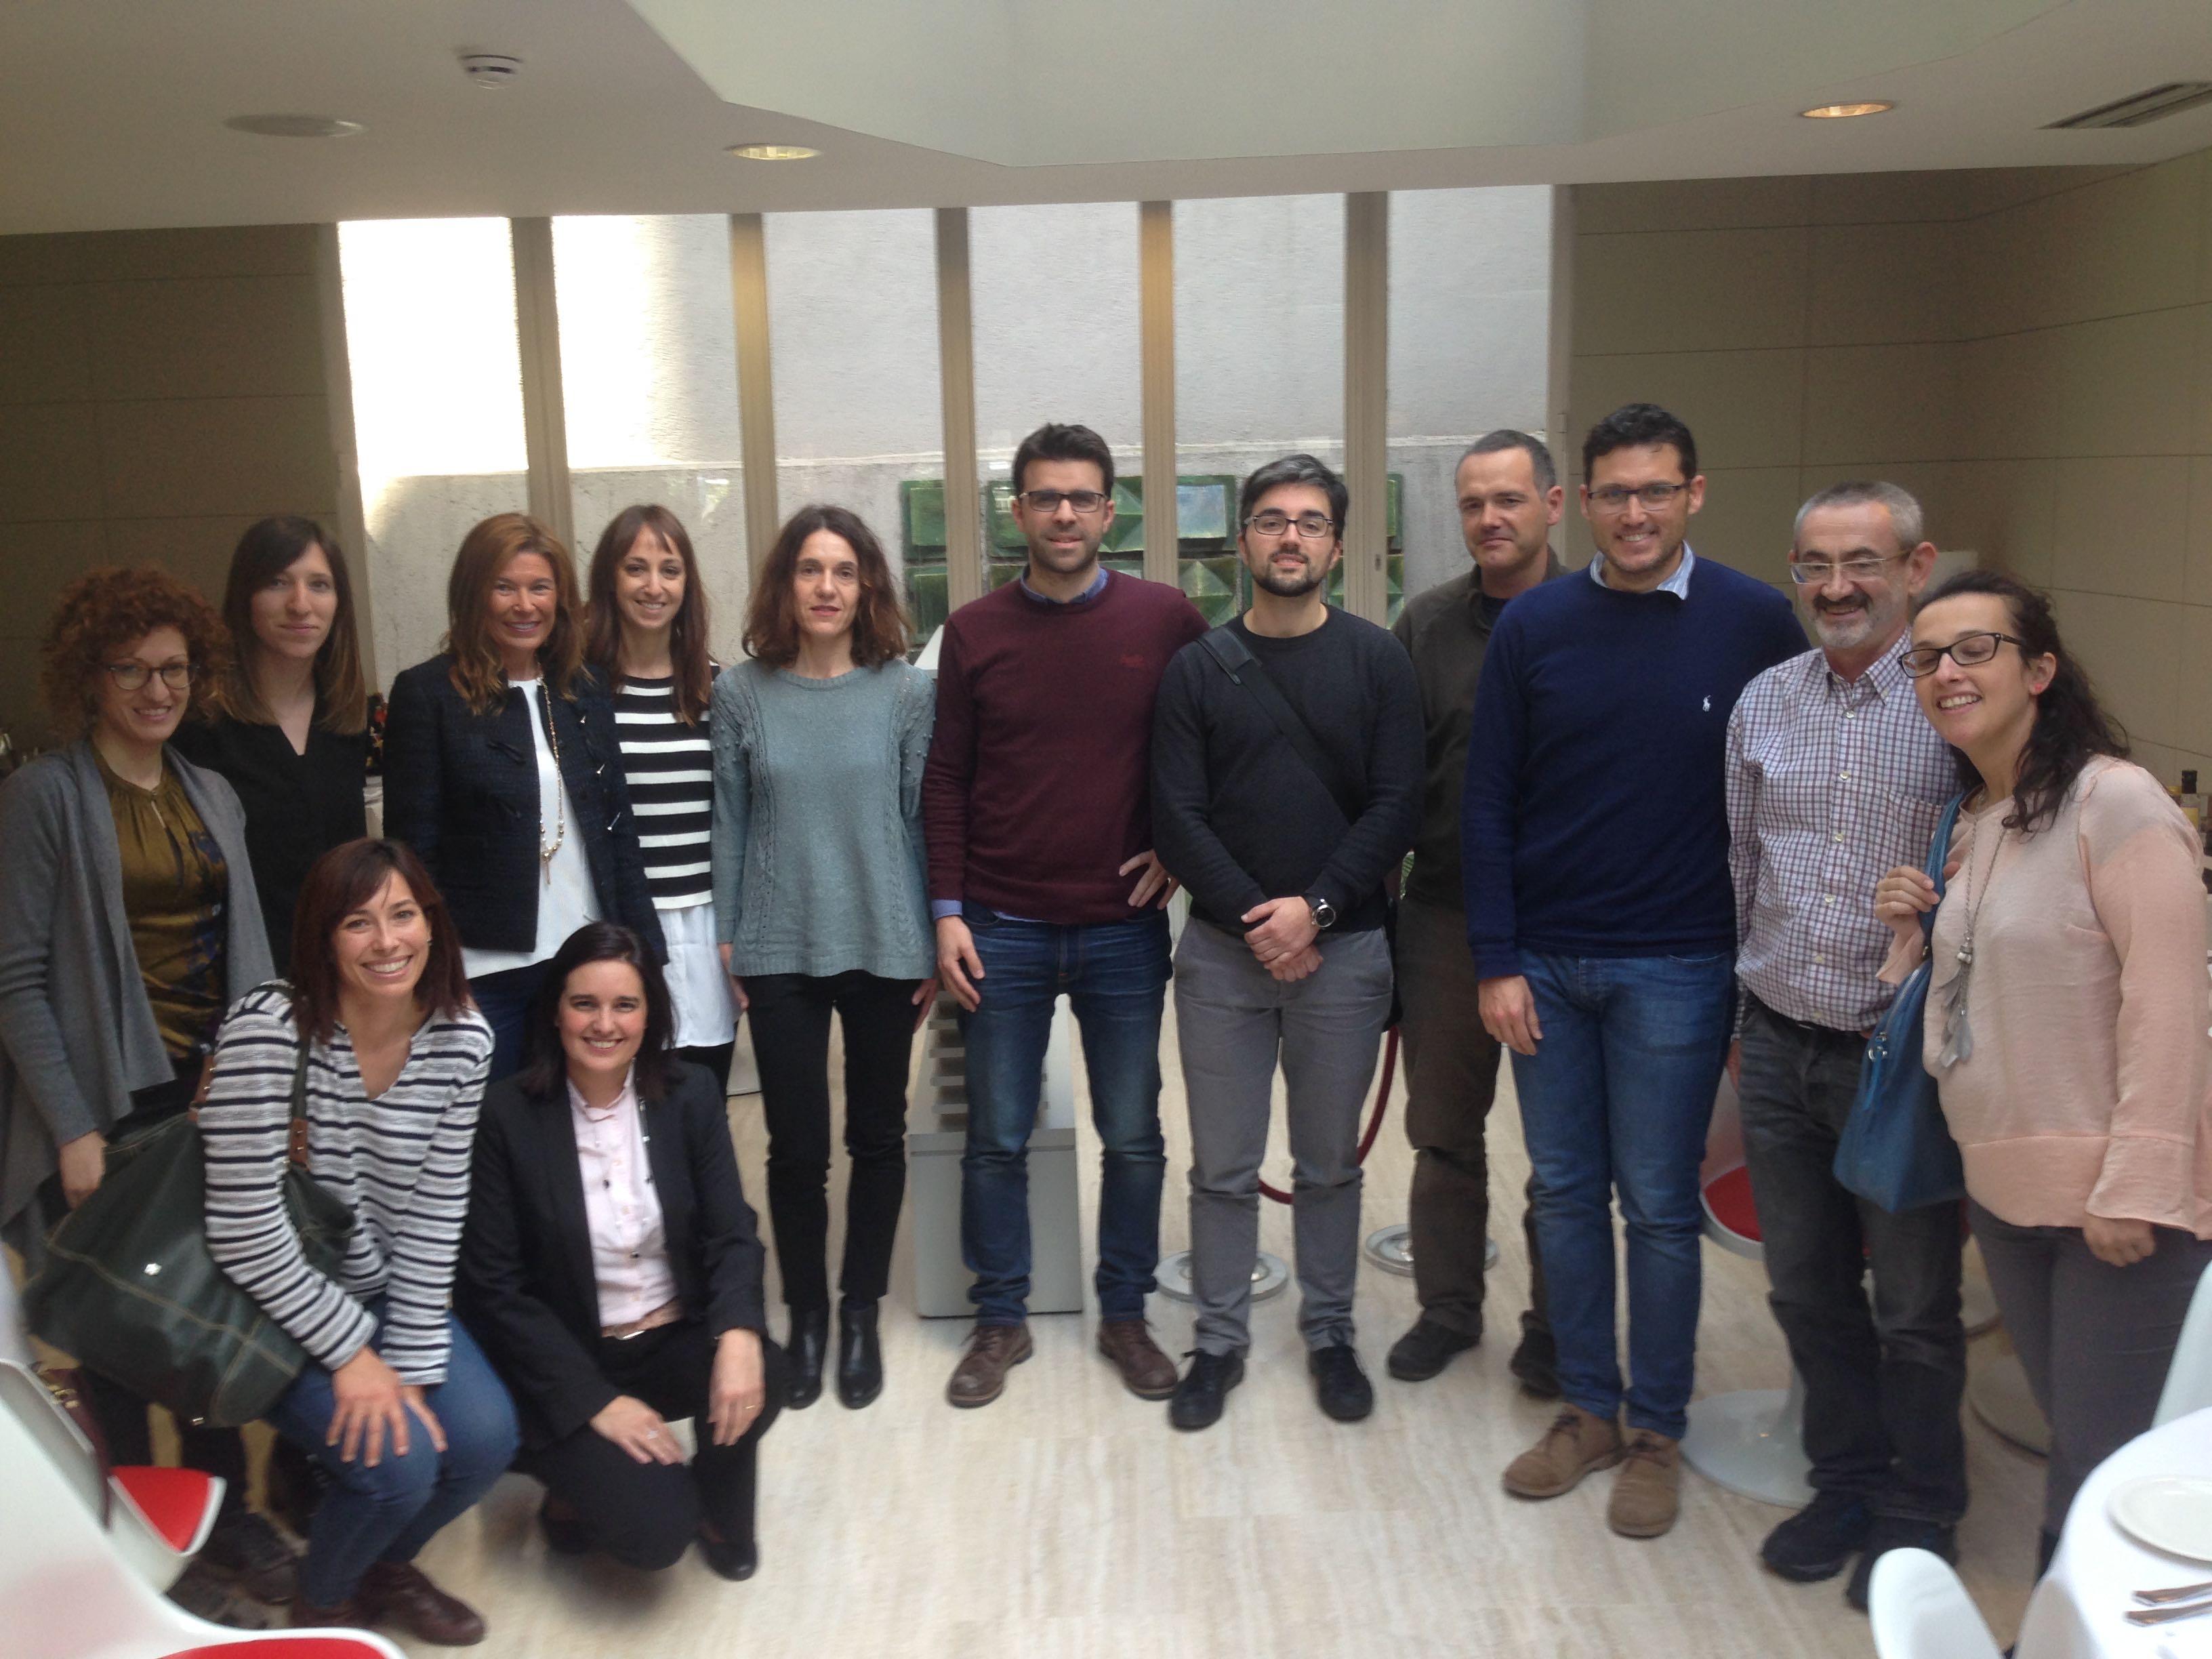 Grupo de candidatos a la certificación BCPP en la convocatoria 2018-2019